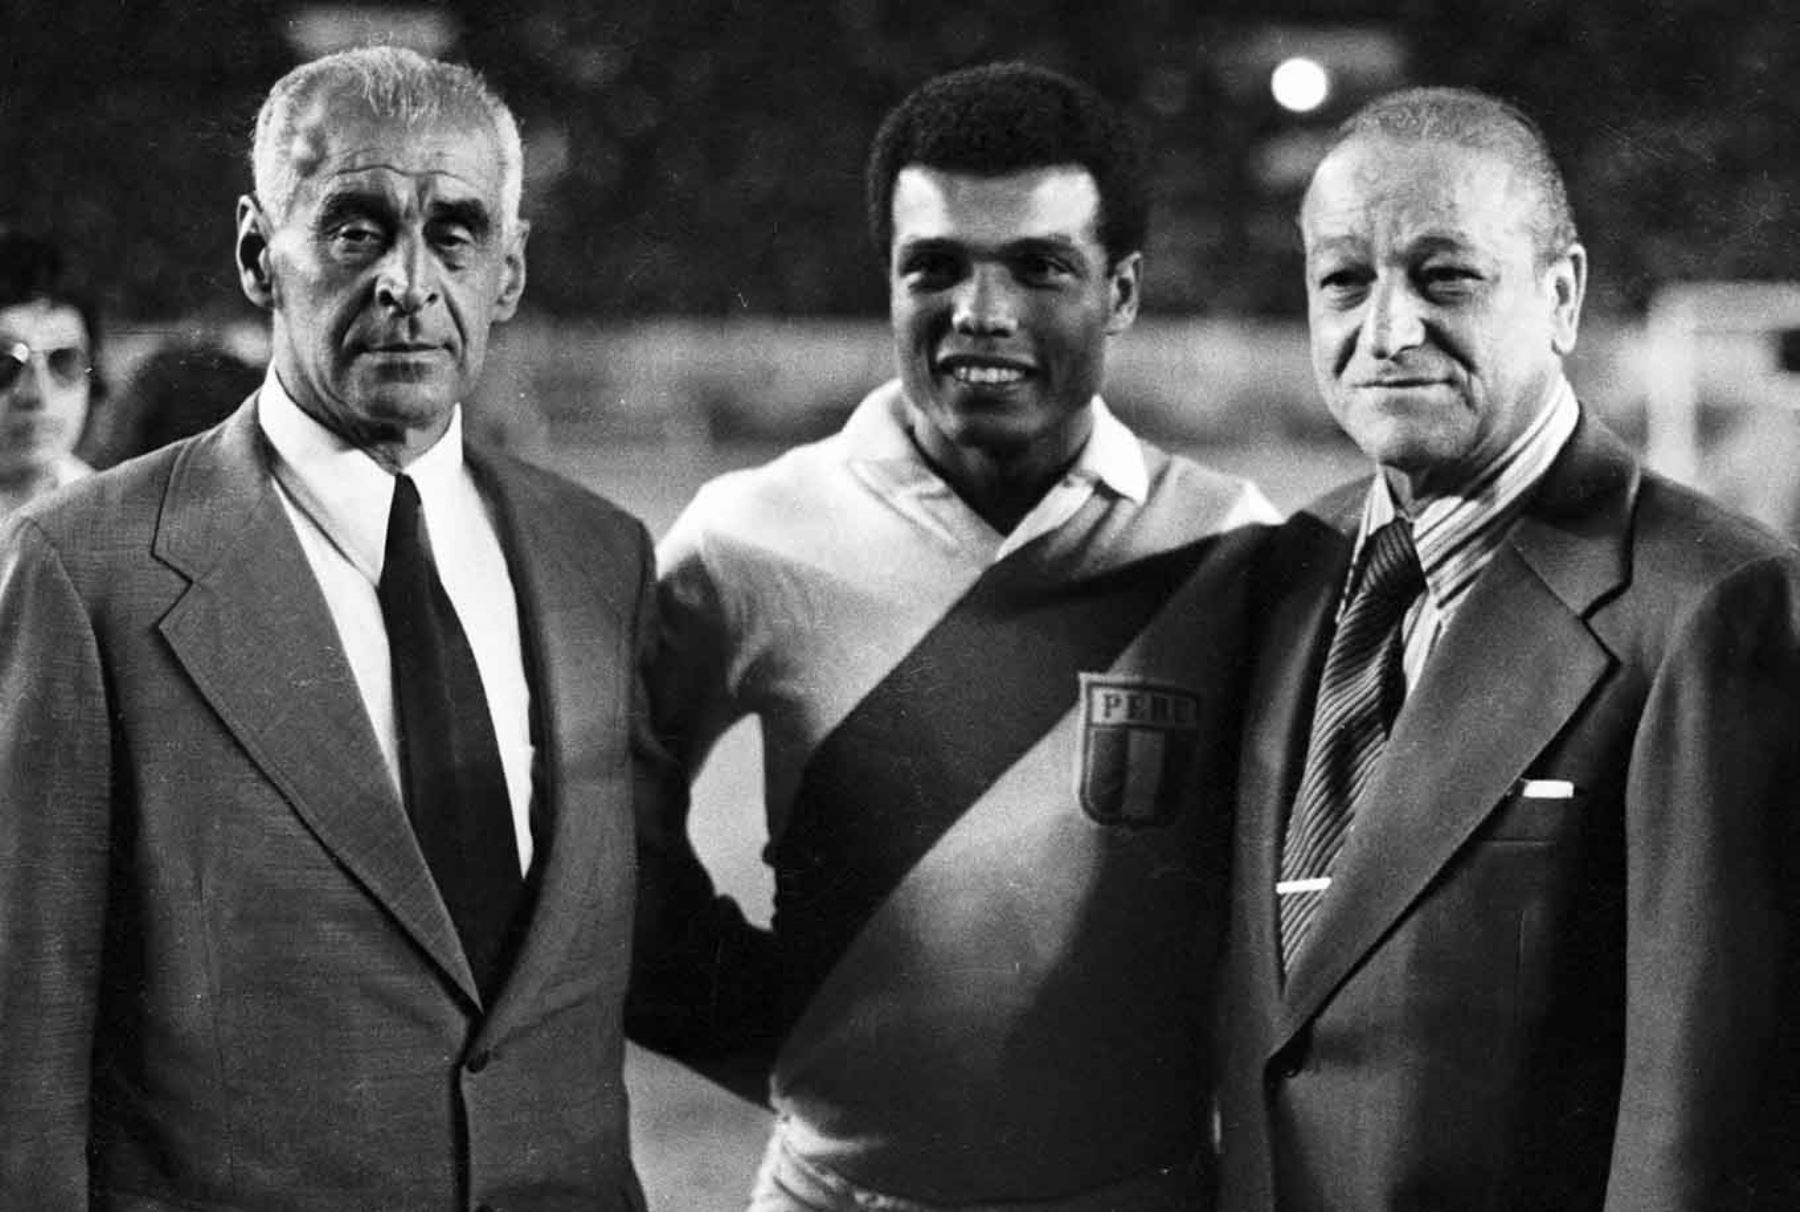 """El gran """" Lolo """" Fernandez junto al """" Nene """" Cubillas, goleador histórico de los mundiales de la selección peruana. Foto: Archivo el Peruano"""